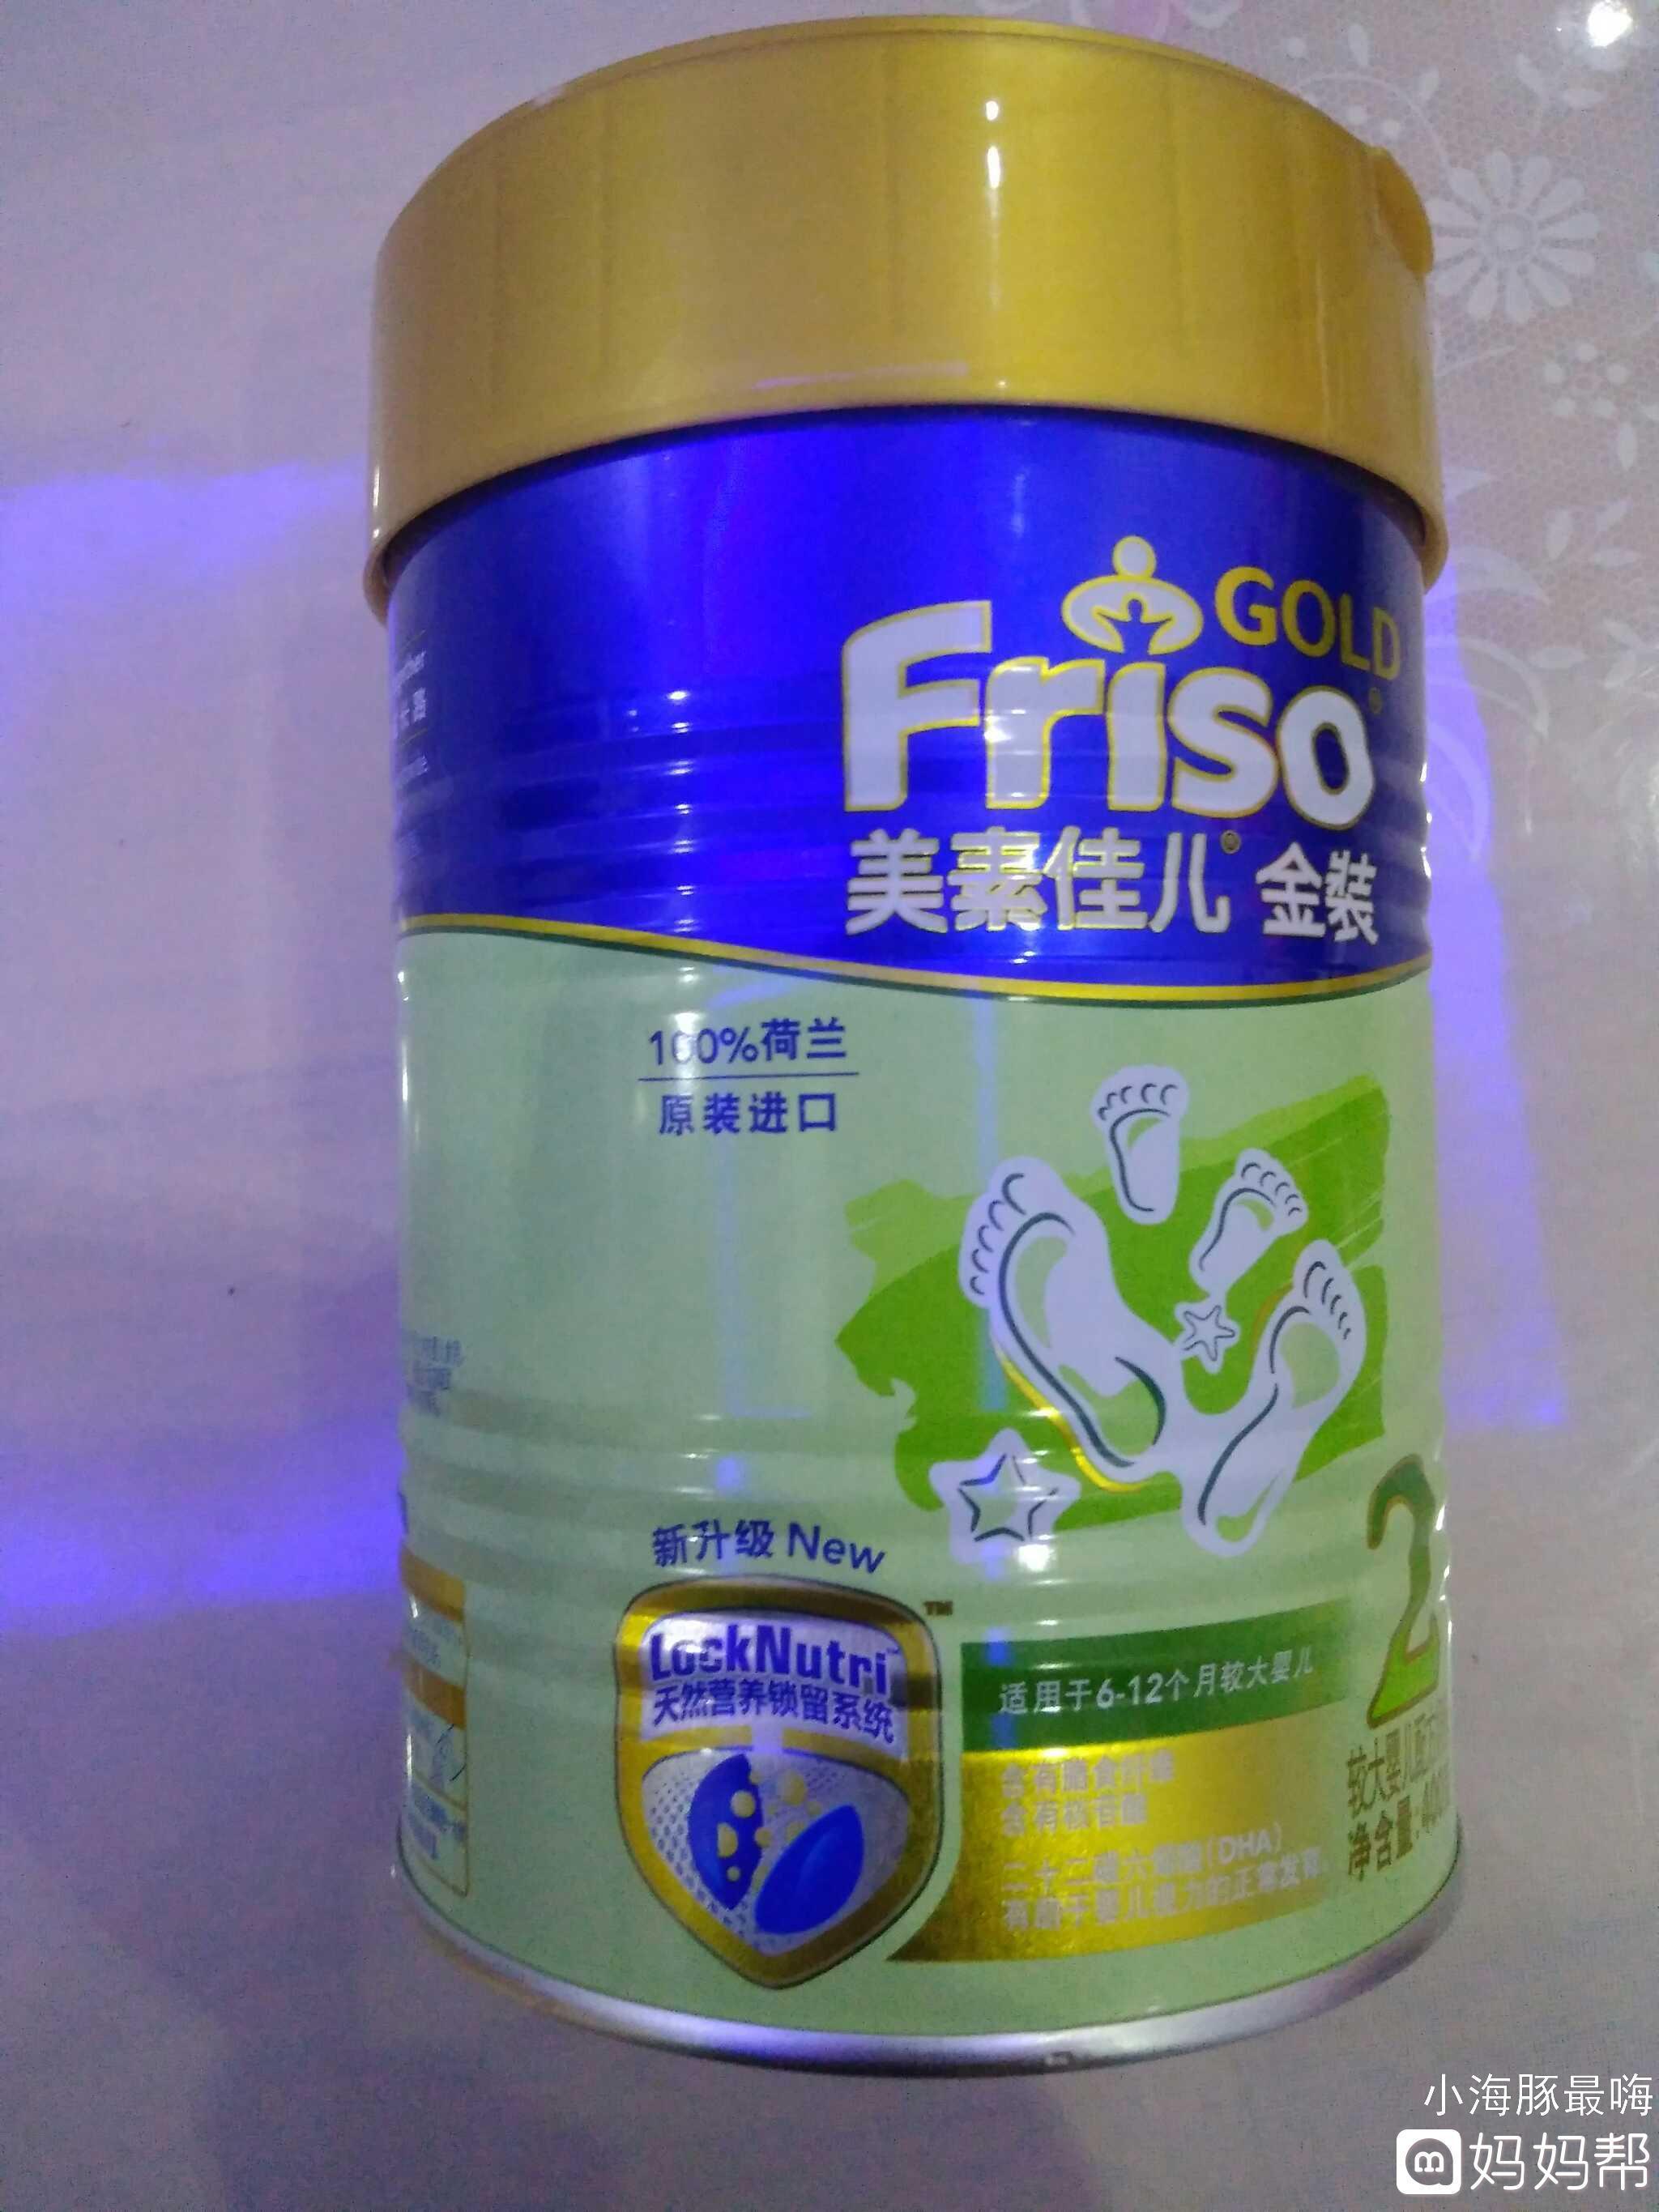 【贝因美奶粉和美素佳儿奶粉哪个好】贝因美奶粉和... -京东商城